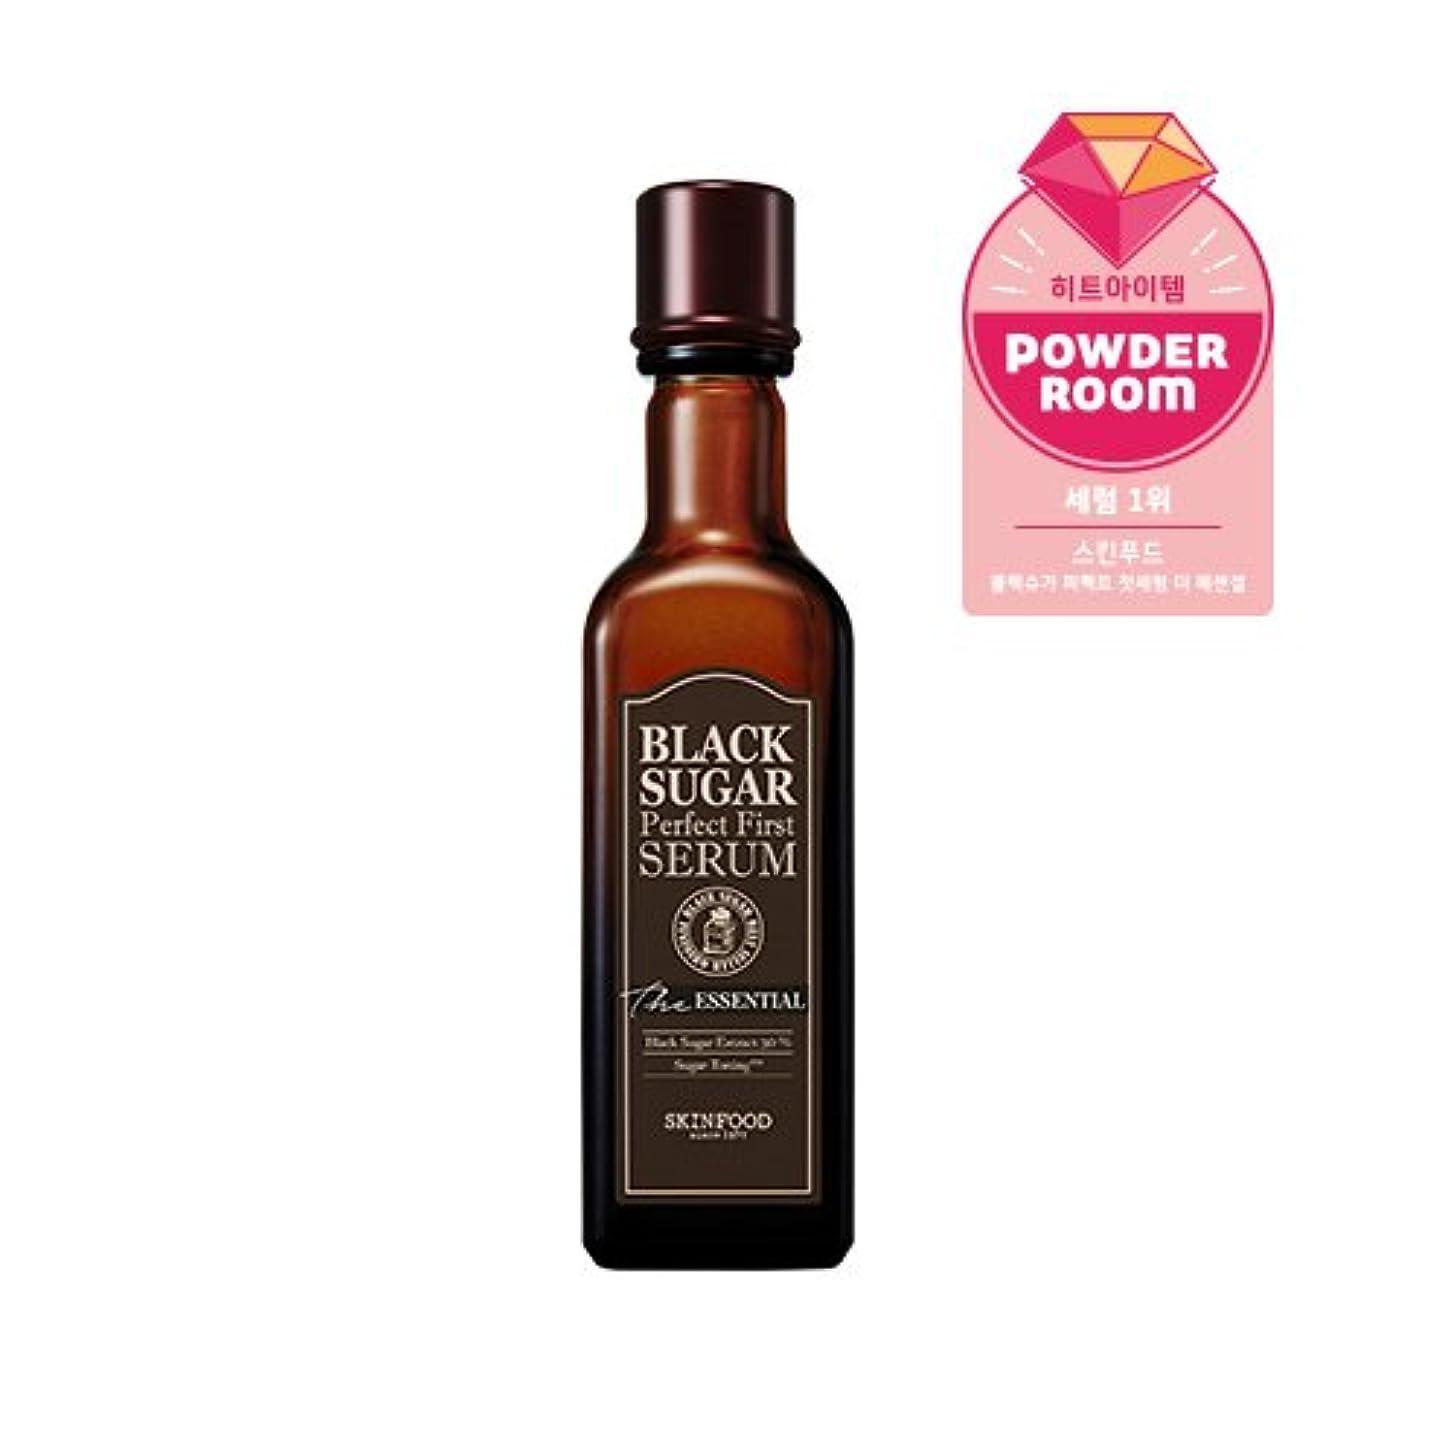 チューリップ風変わりな因子Skinfood black sugar perfect first serum the essential/黒糖完璧な最初の血清必須/120ml +60ea [並行輸入品]